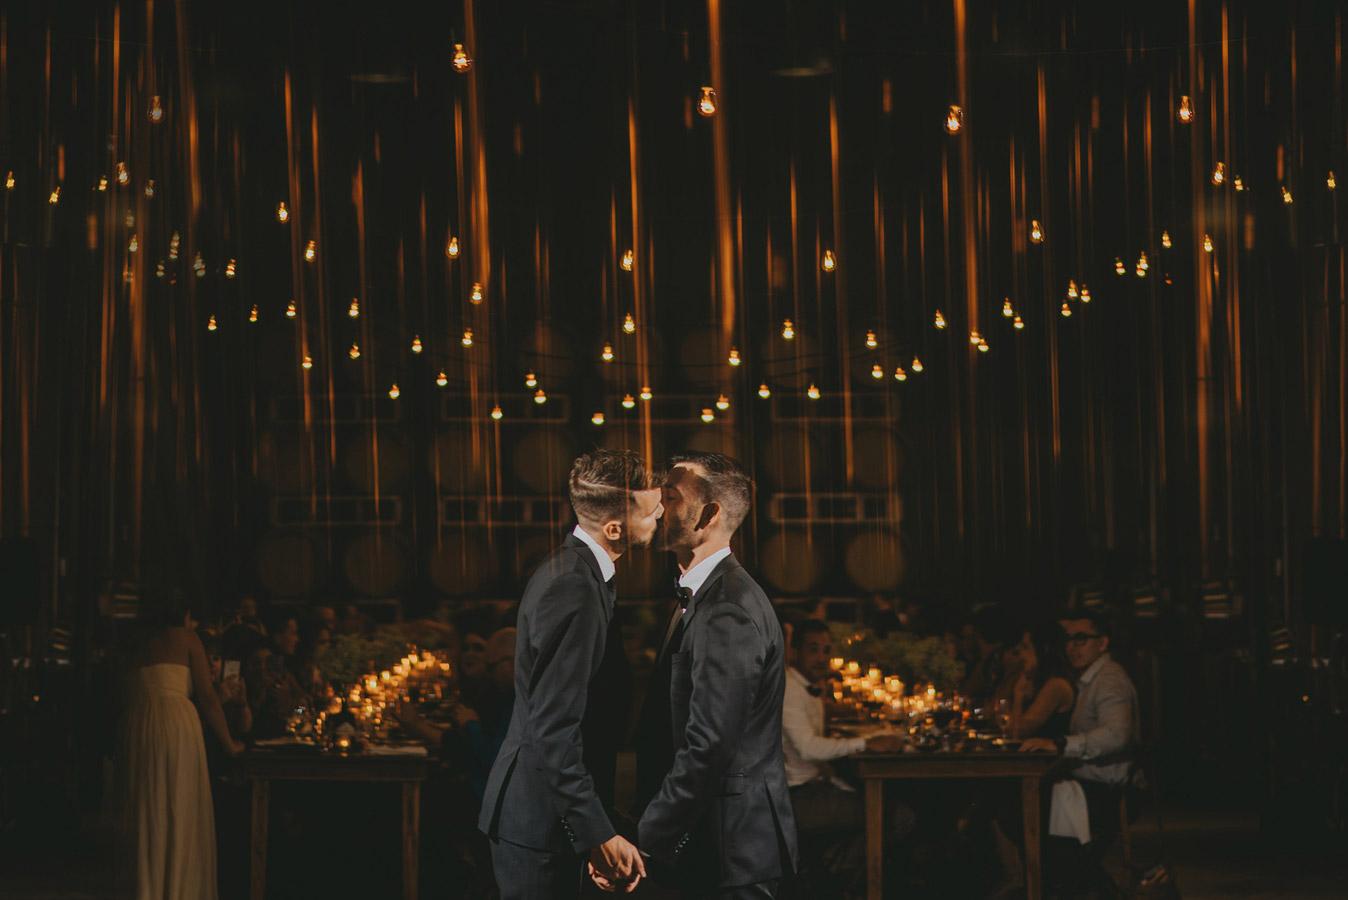 Джоэл Ящчисак, Канада / Joel Jaszczyszak, Canada, 3-е место в категории «Свадебная встреча», Конкурс свадебной фотографии Rangefinder